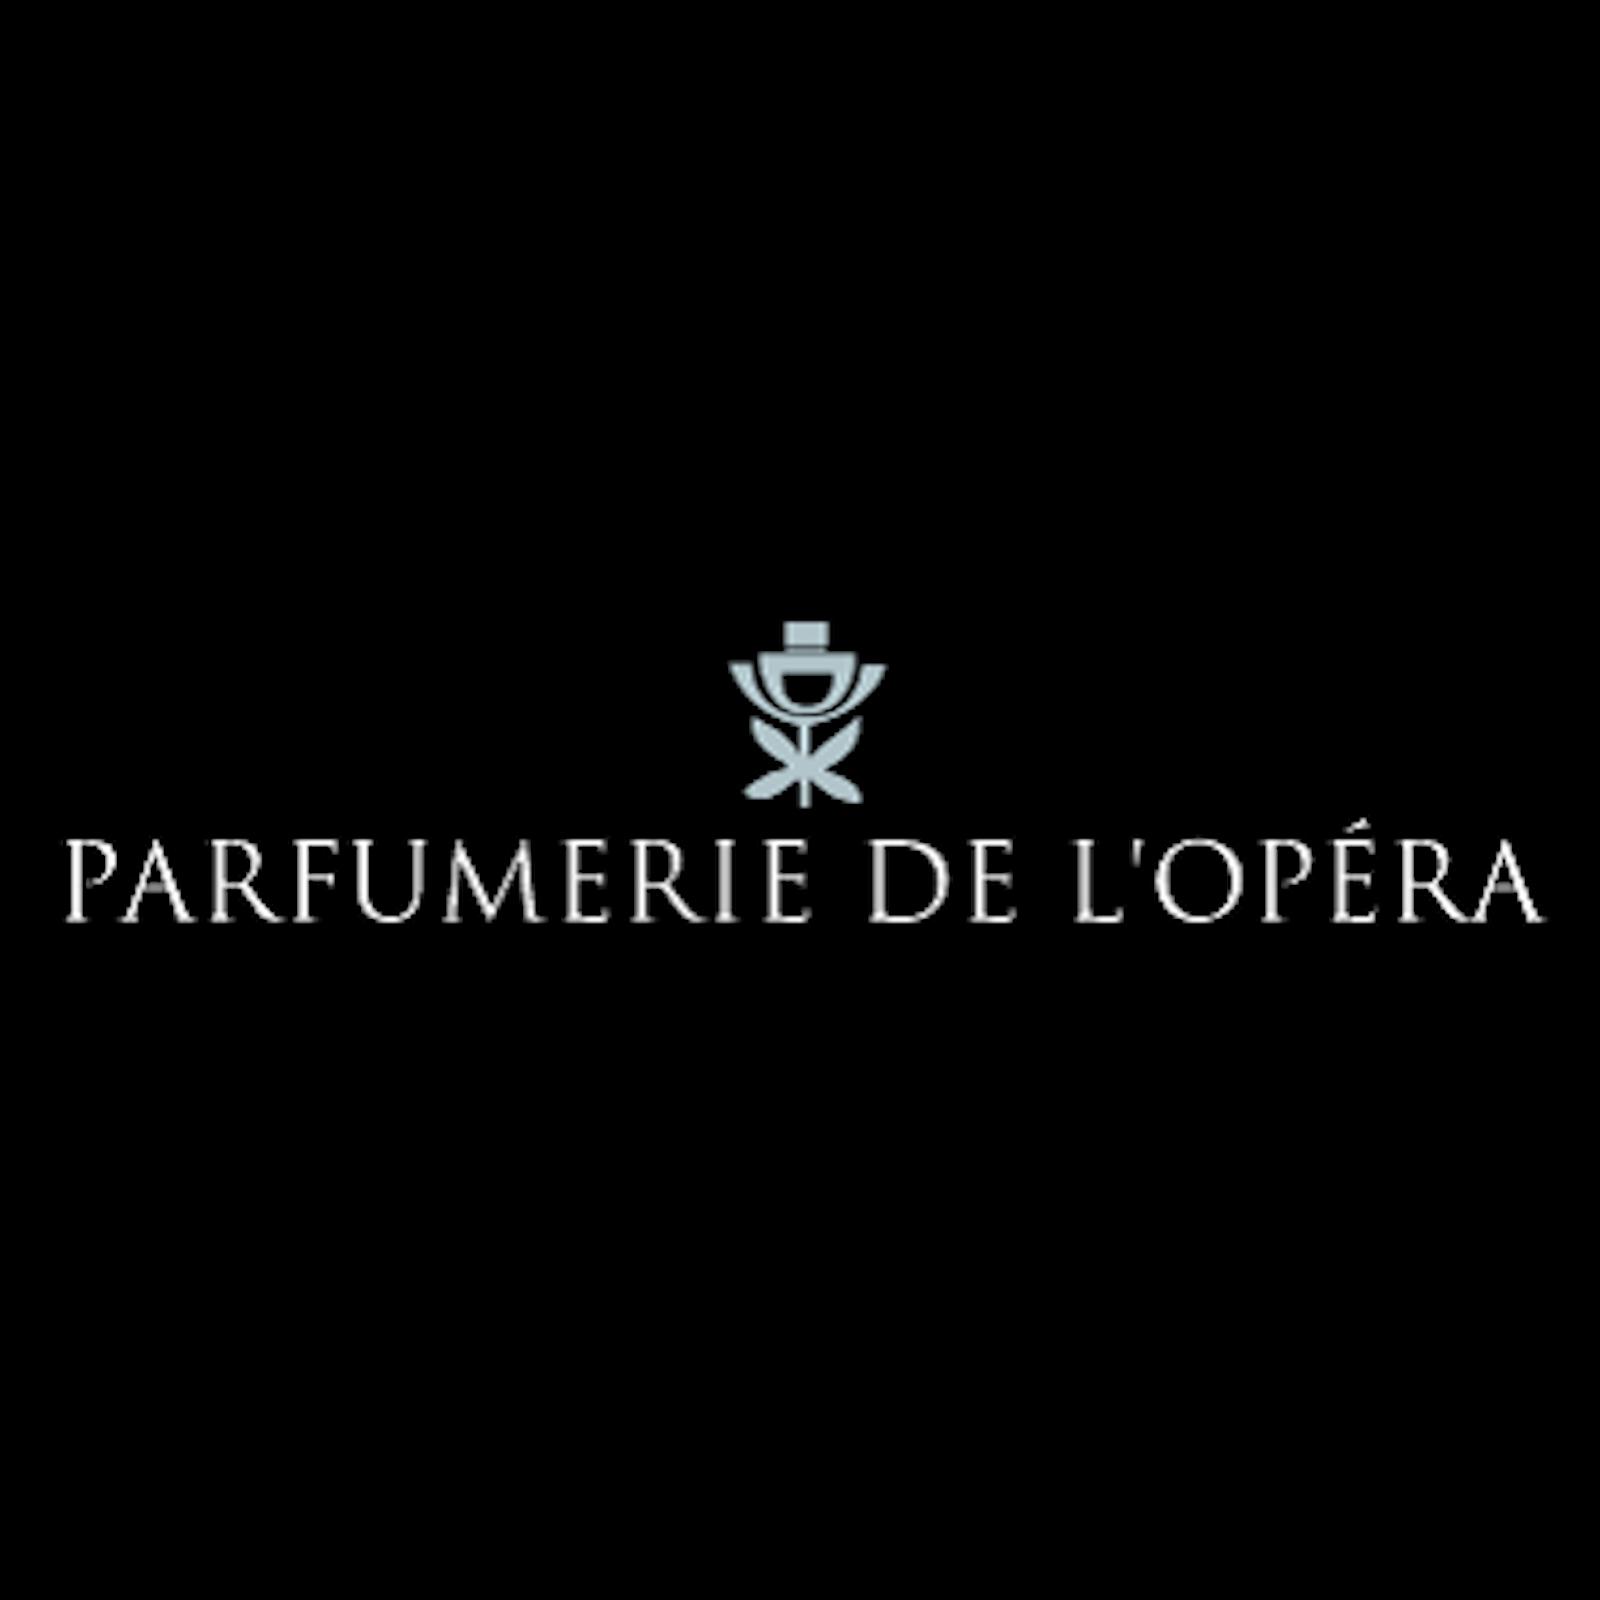 Parfumerie de l'Opéra Bordeaux